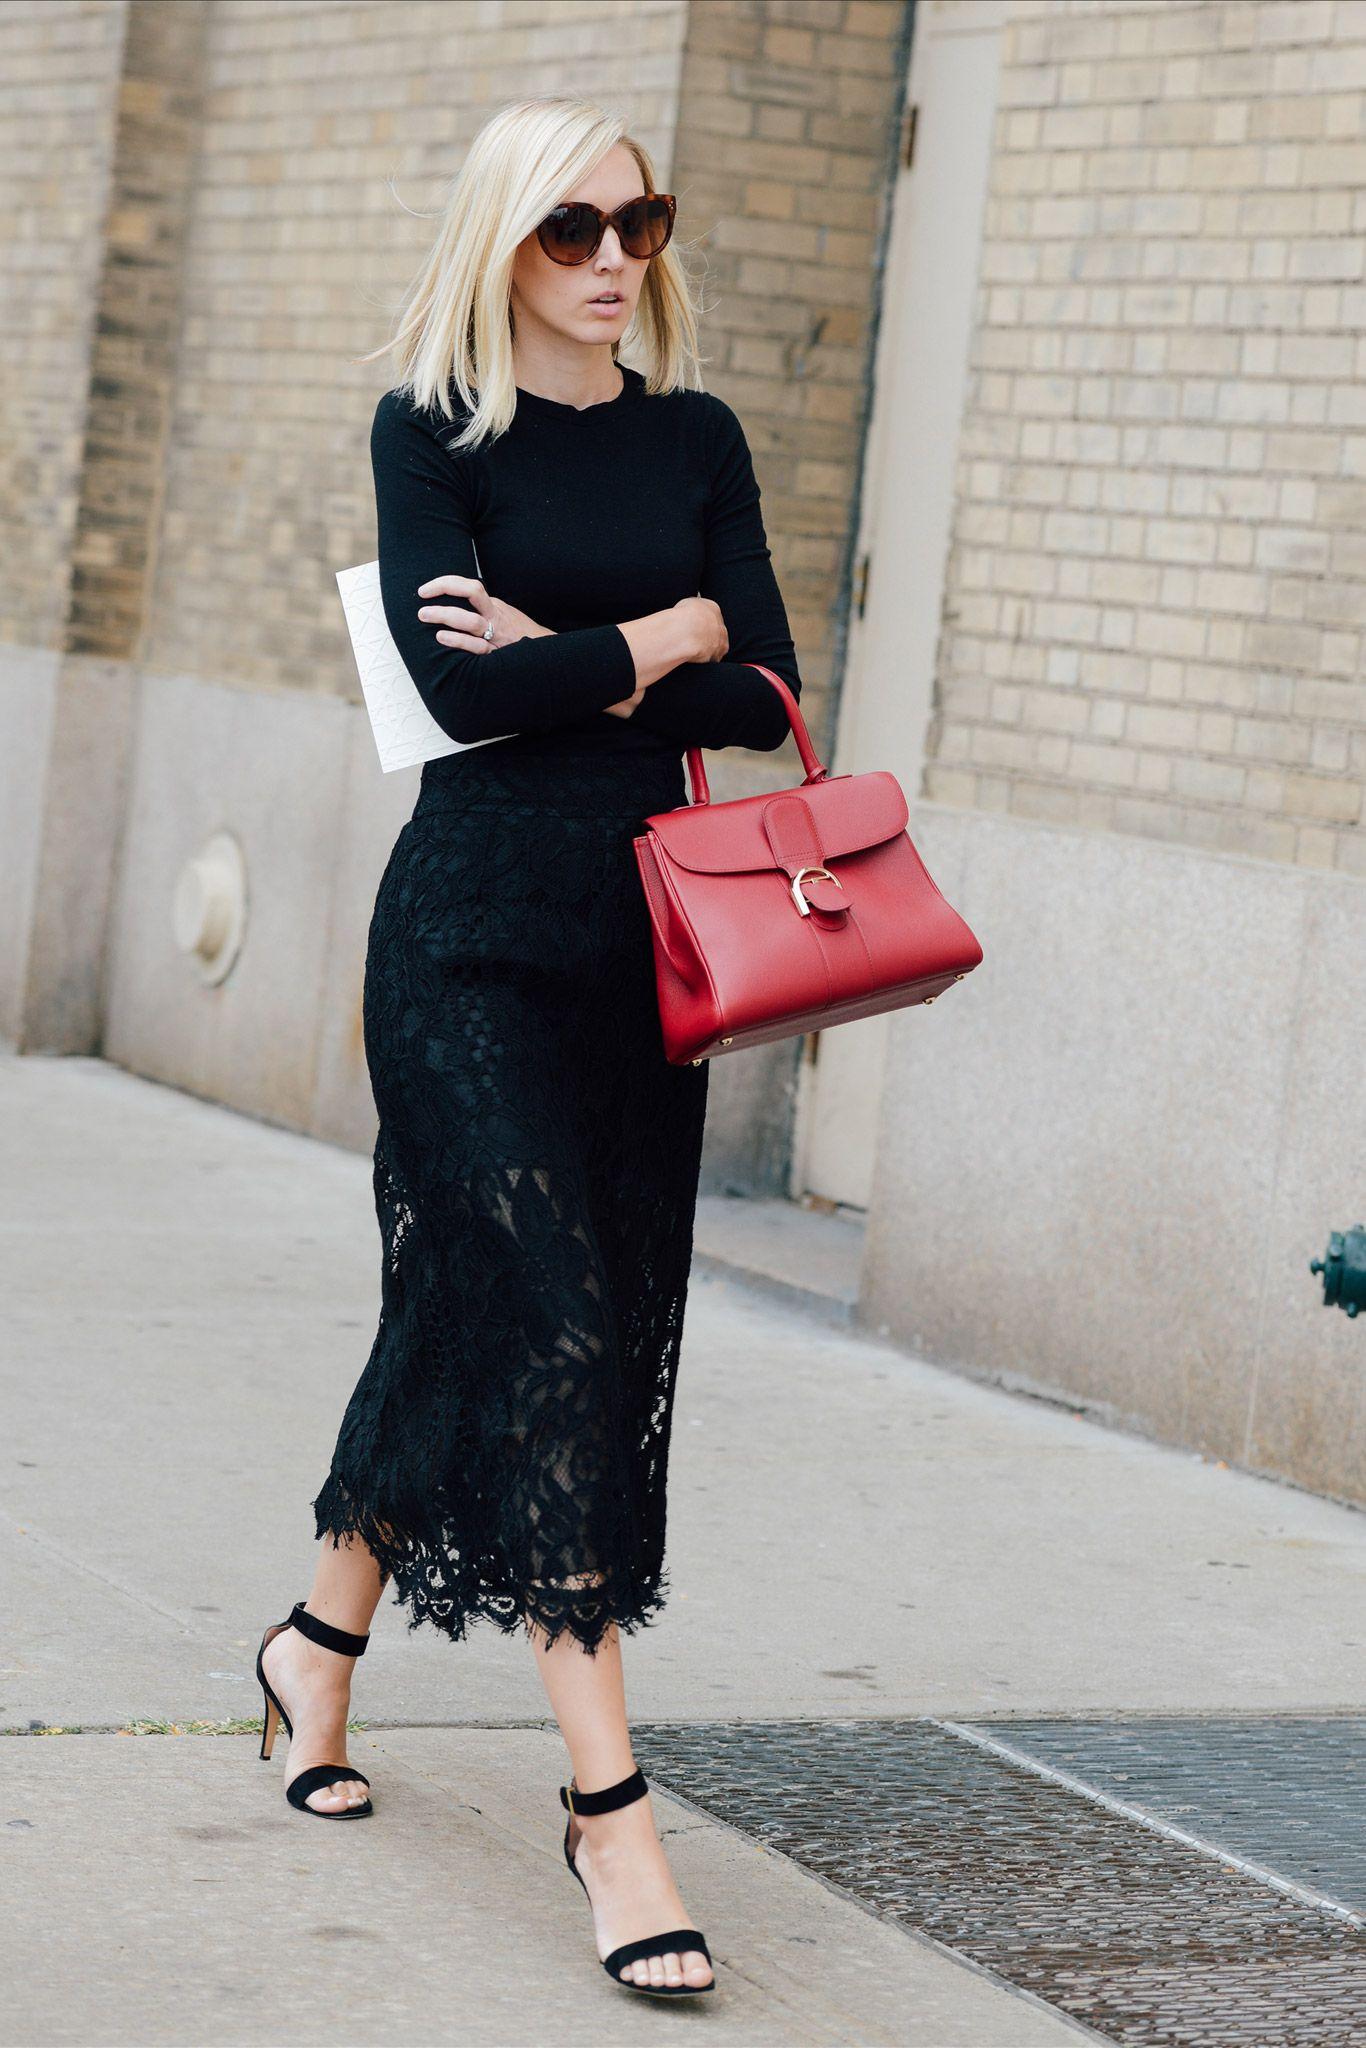 Cómo combinar un bolso rojo looks de moda). Falda Midi De Encaje ba16ecab21fc